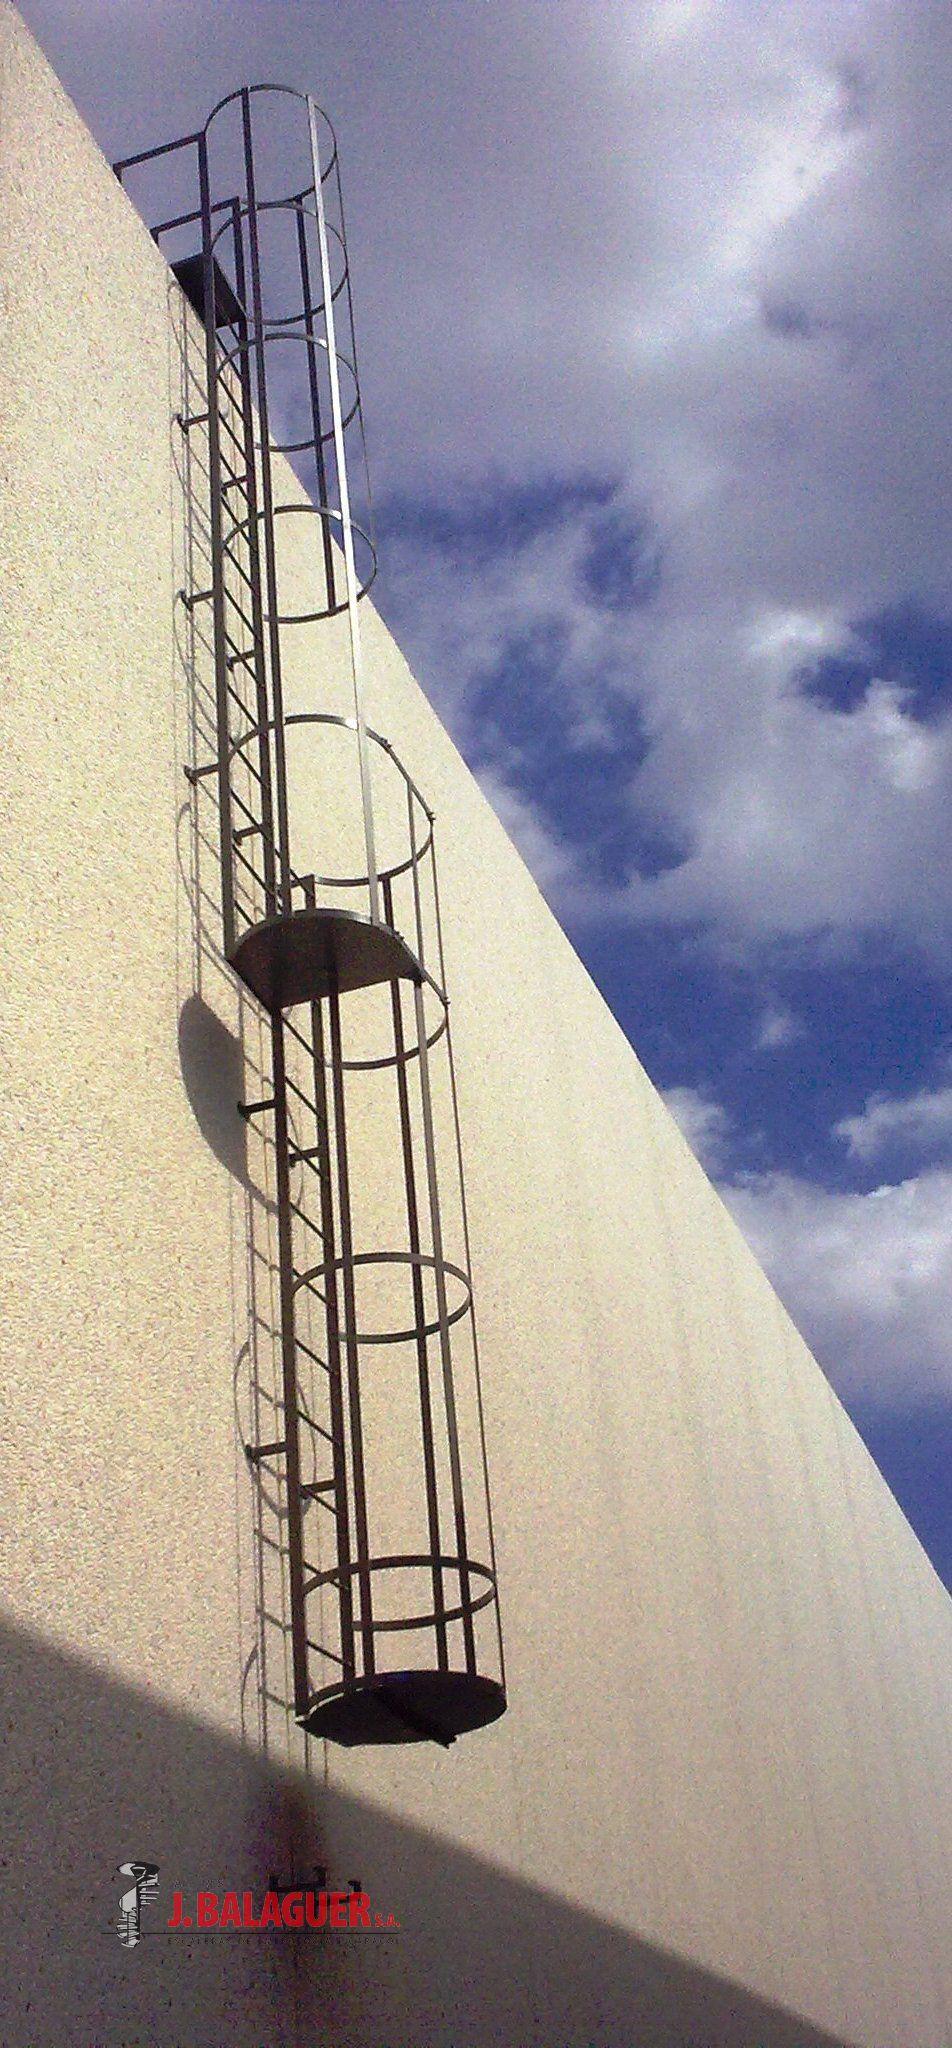 Collection verticale acc s escaliers escaleras balaguer for Escaleras nom 001